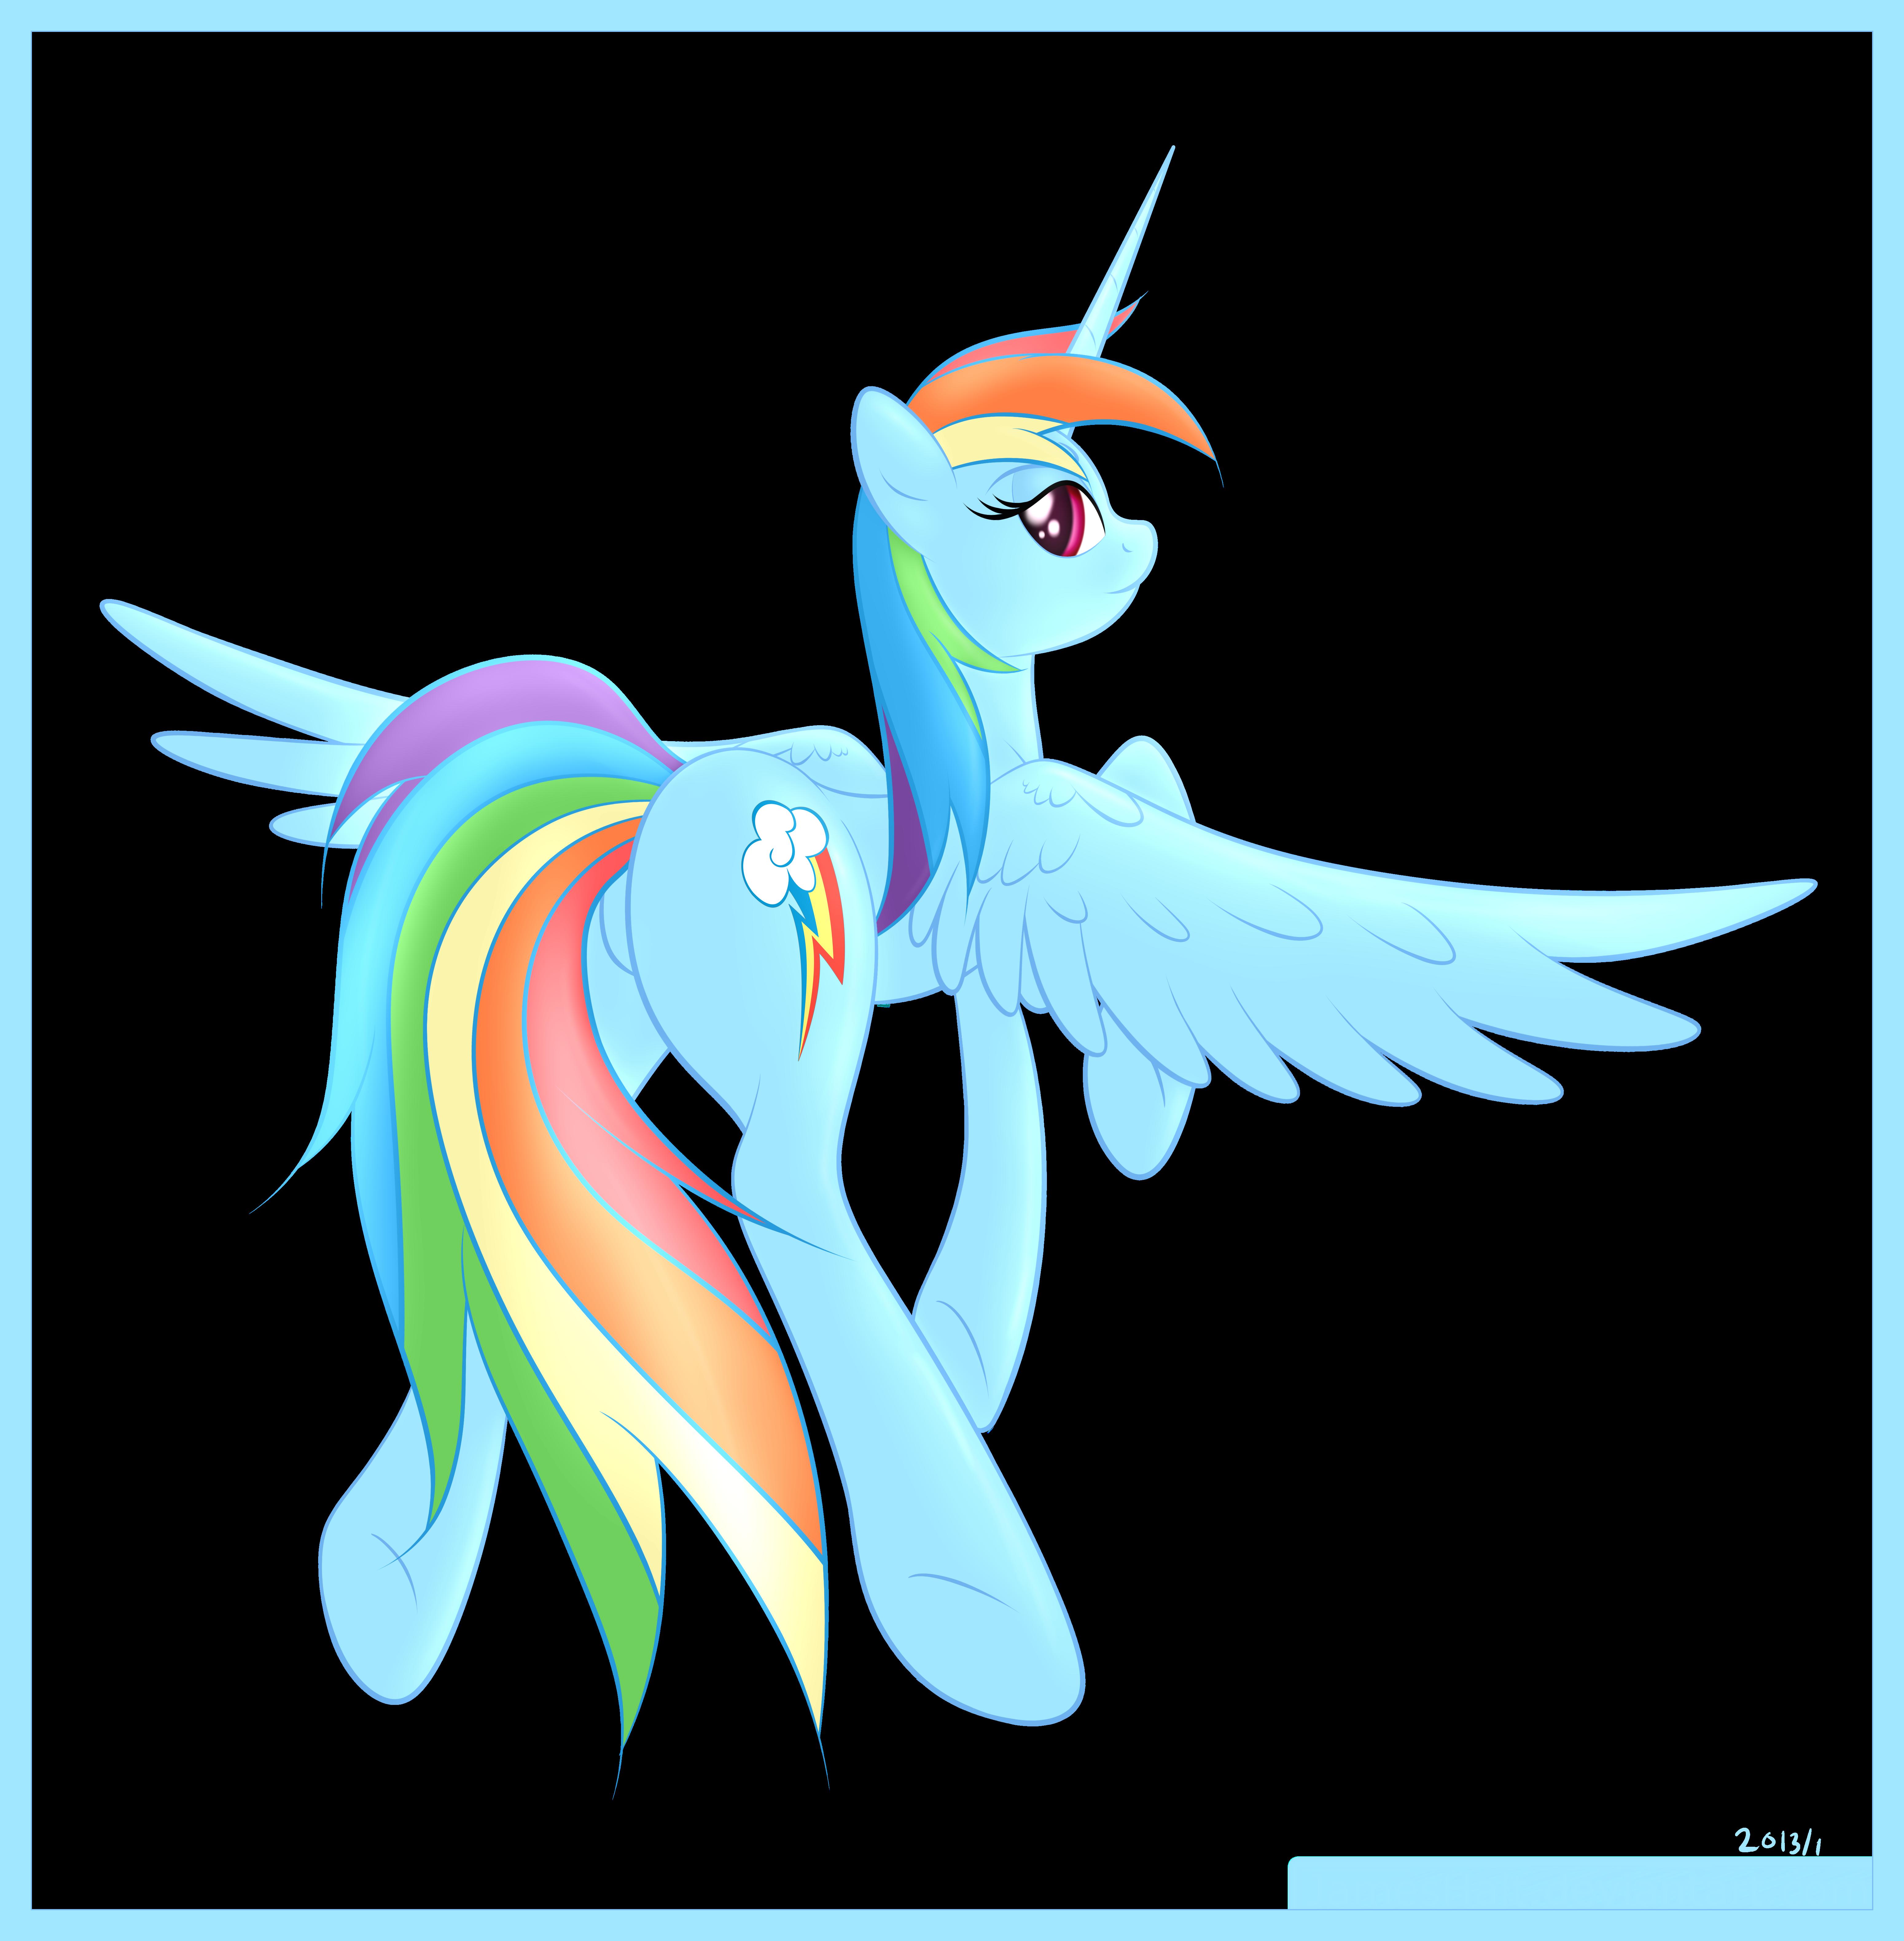 Alicorn Rainbow Dash by JamesHalt on DeviantArt